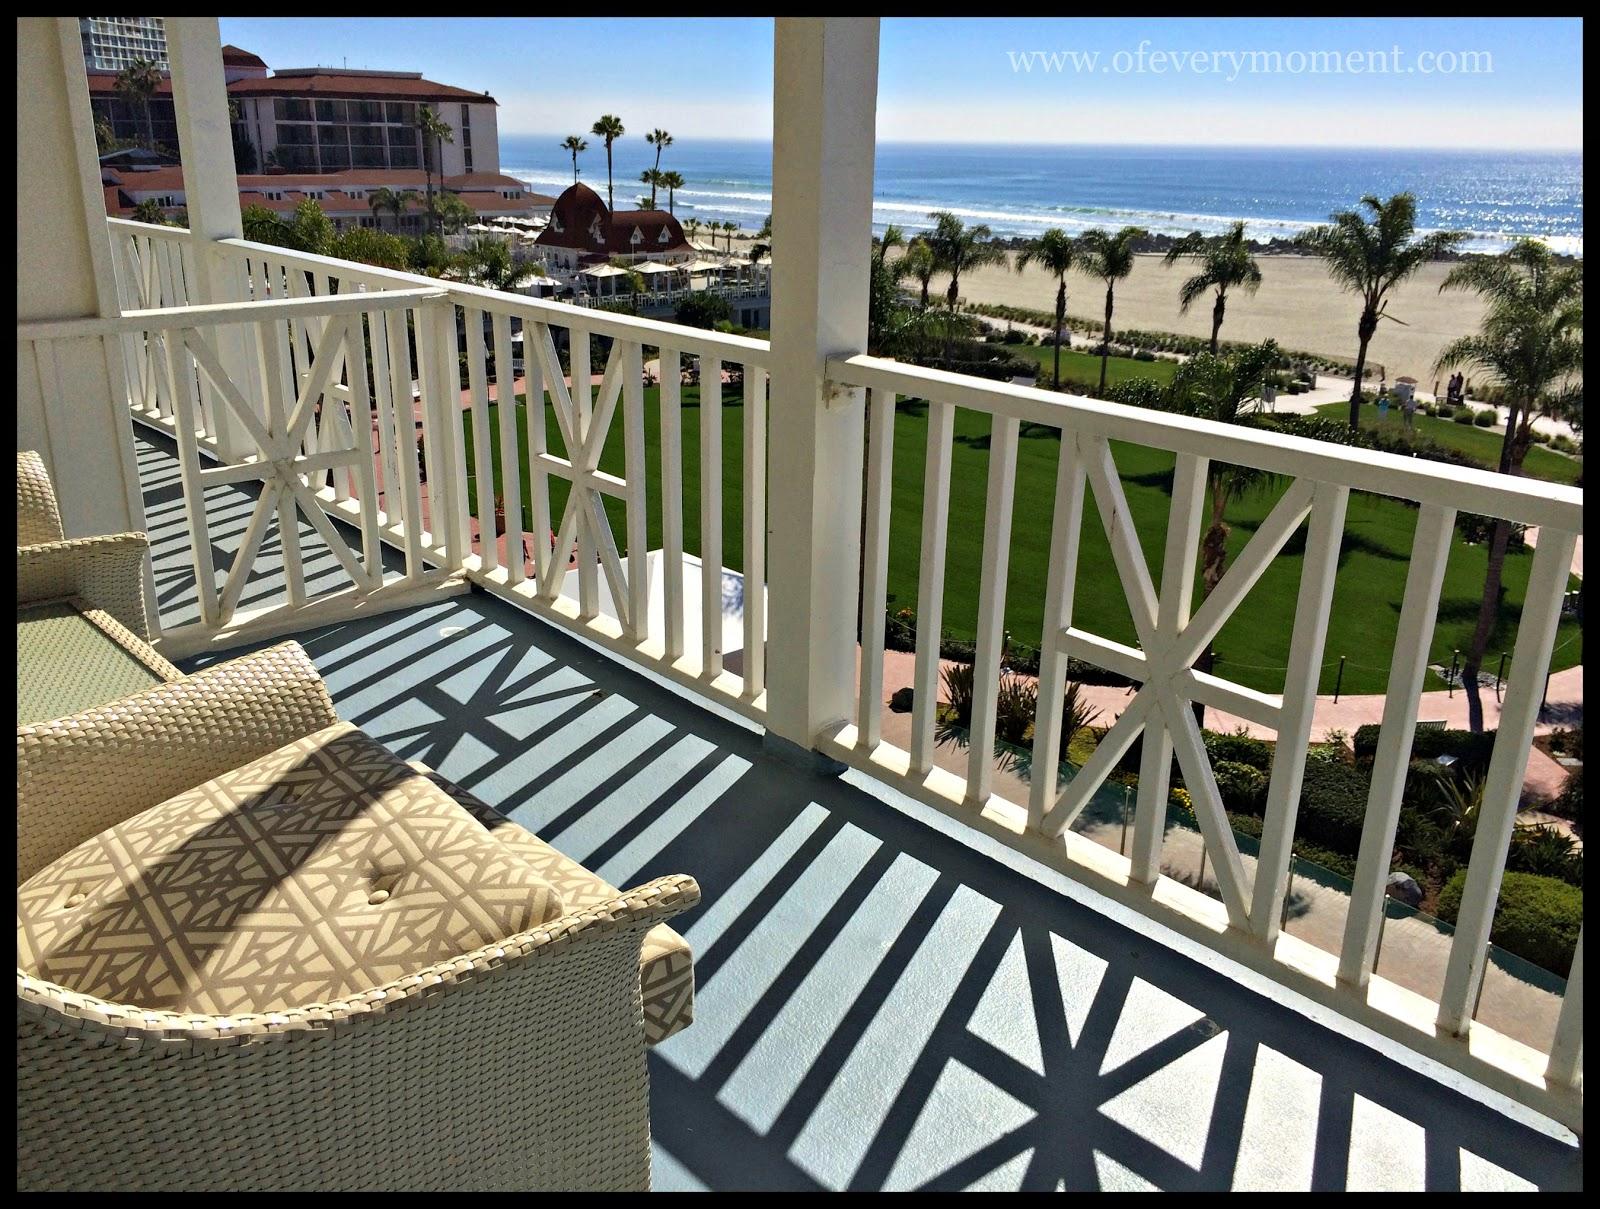 ocean view, Hotel del Coronado, vacation, resort, California